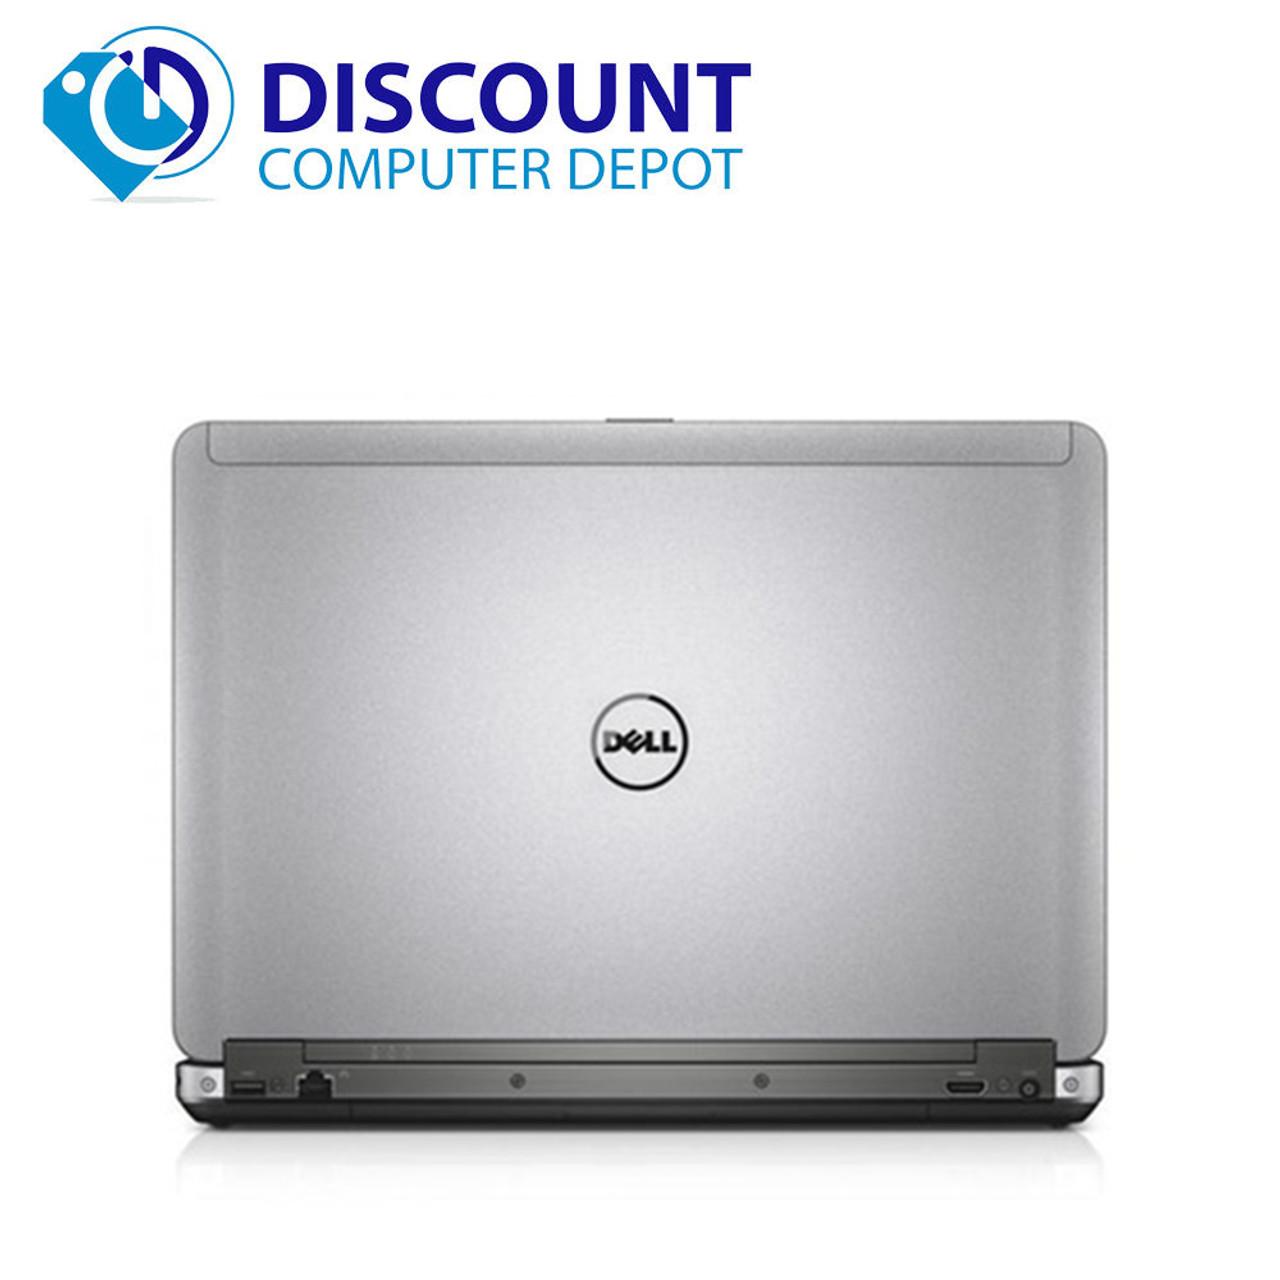 Dell latitude e6440 drivers windows 7 32 bit download | DELL